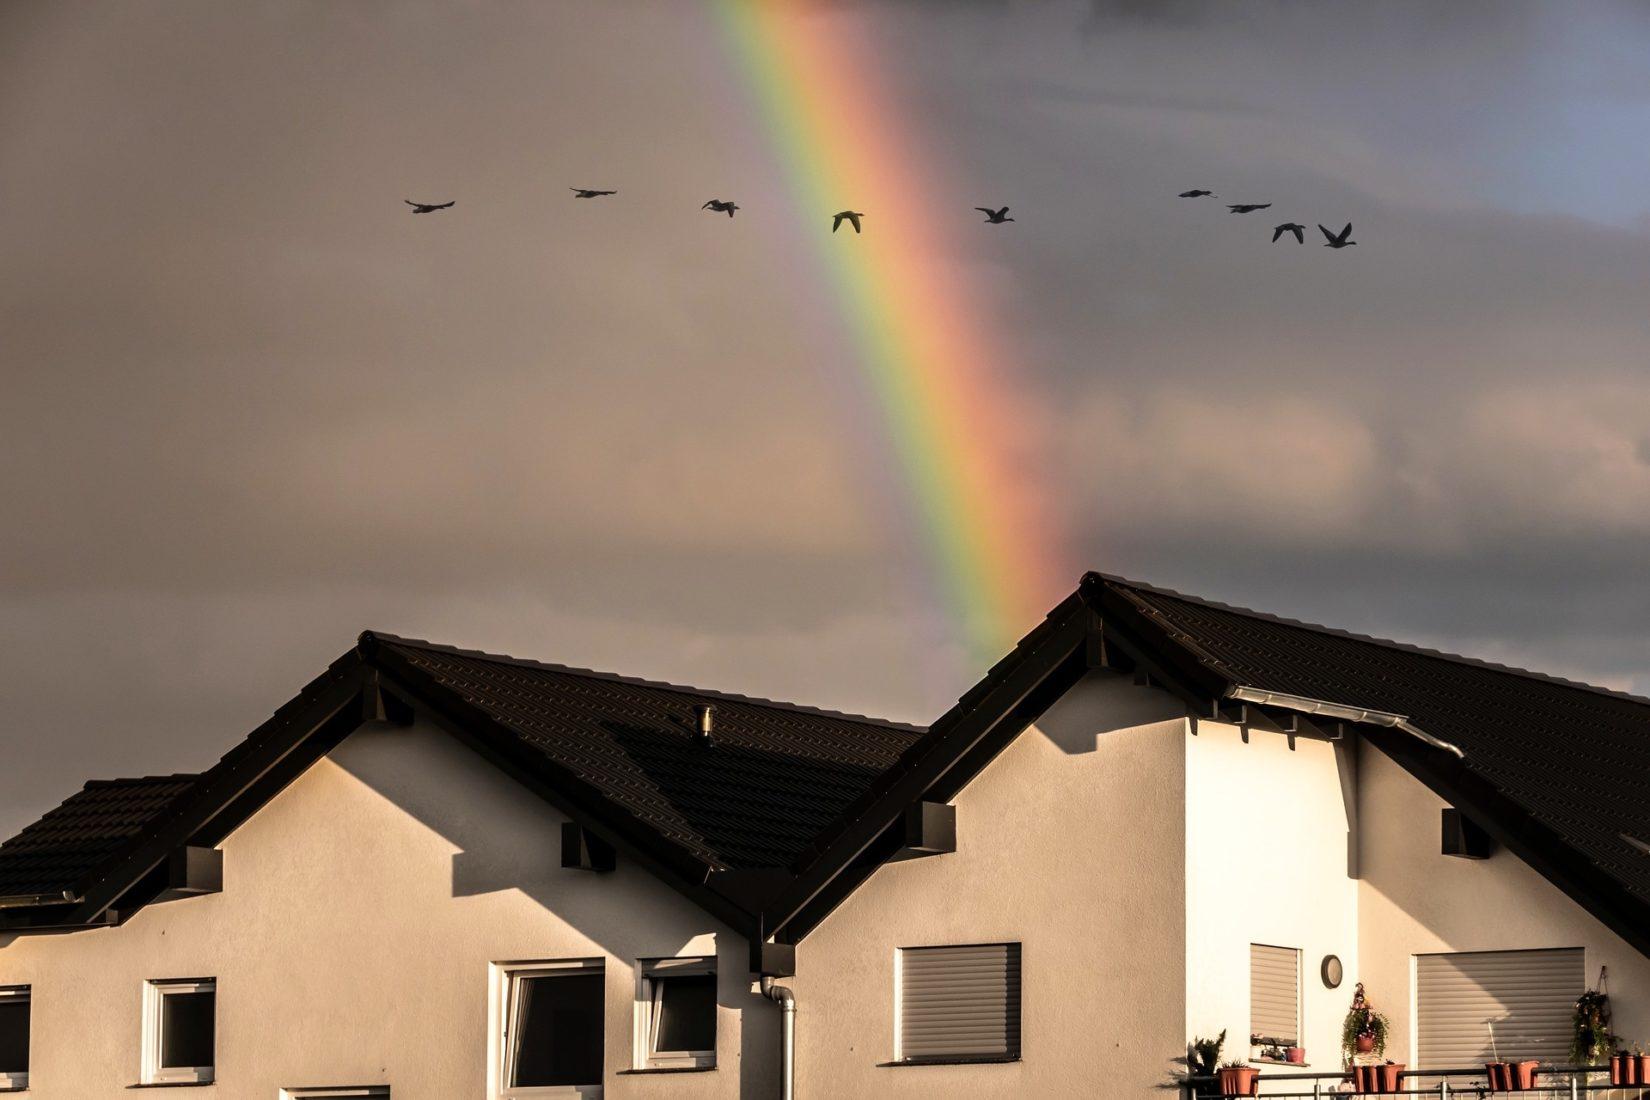 Welche Auswirkungen haben beregnete Fassaden-Baustoffe auf die Umwelt? Foto: Pixabay